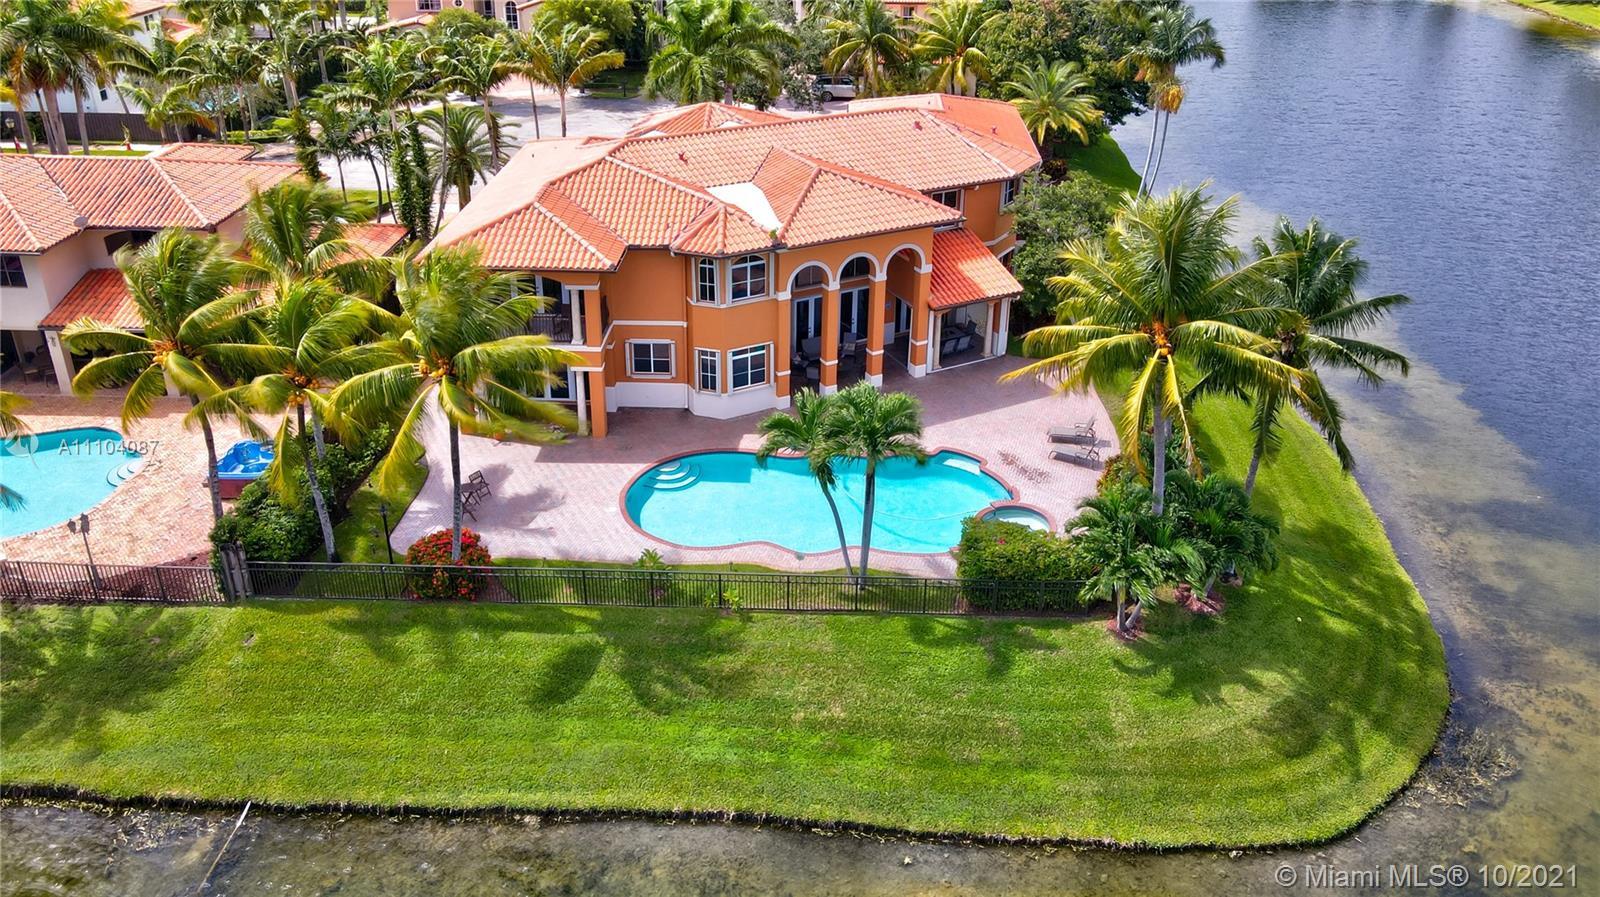 Miami Lakes - 15963 NW 79th Pl, Miami Lakes, FL 33016